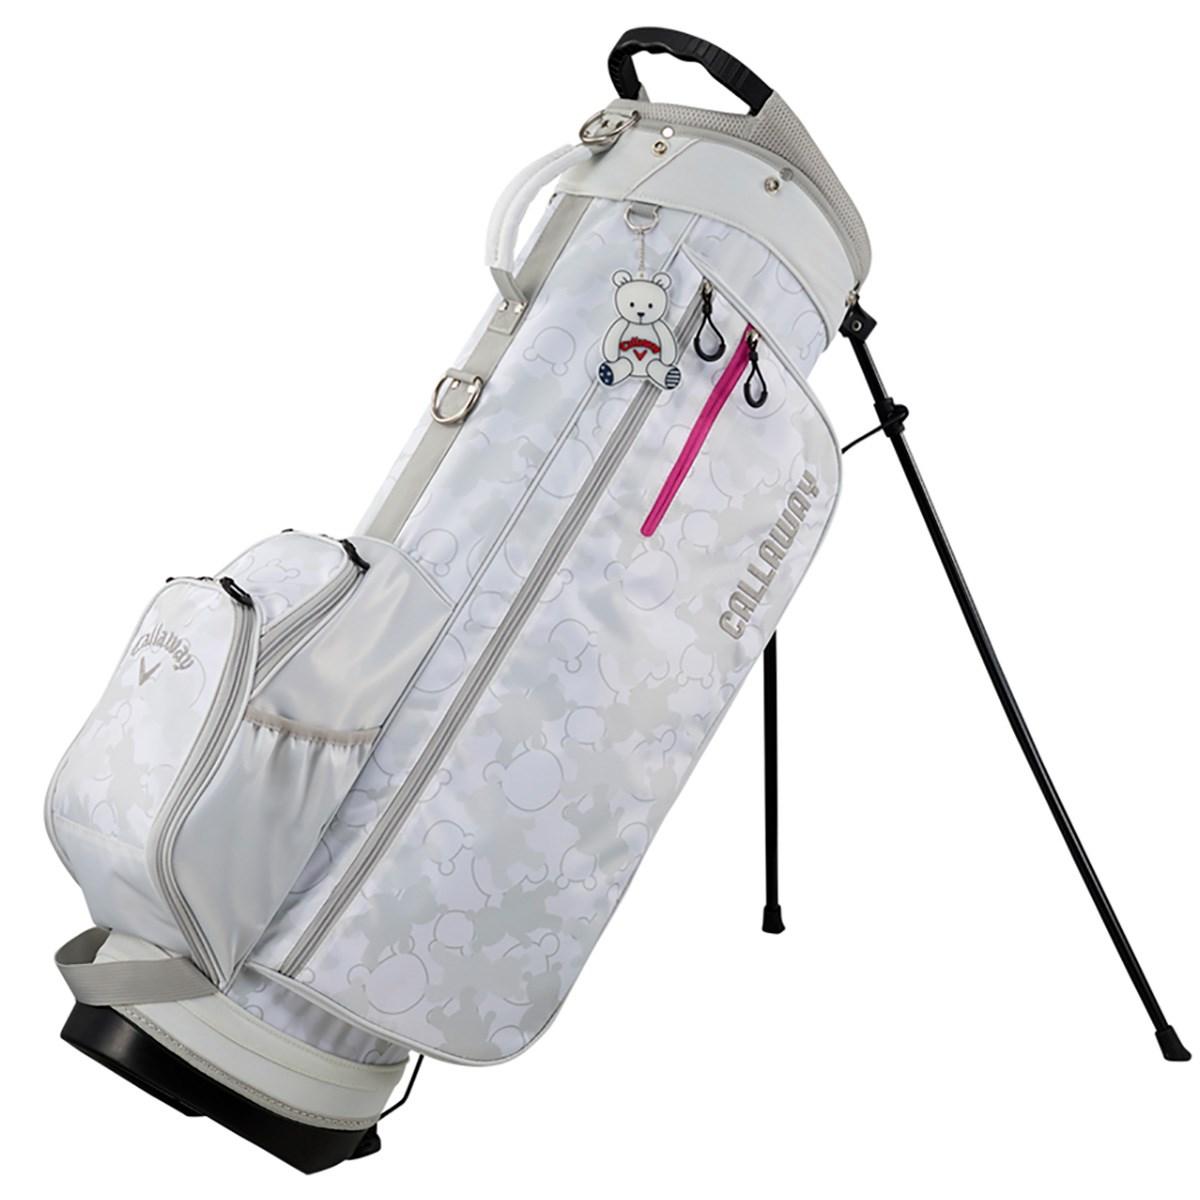 キャロウェイゴルフ(Callaway Golf) BEAR スタンドキャディバッグ JM